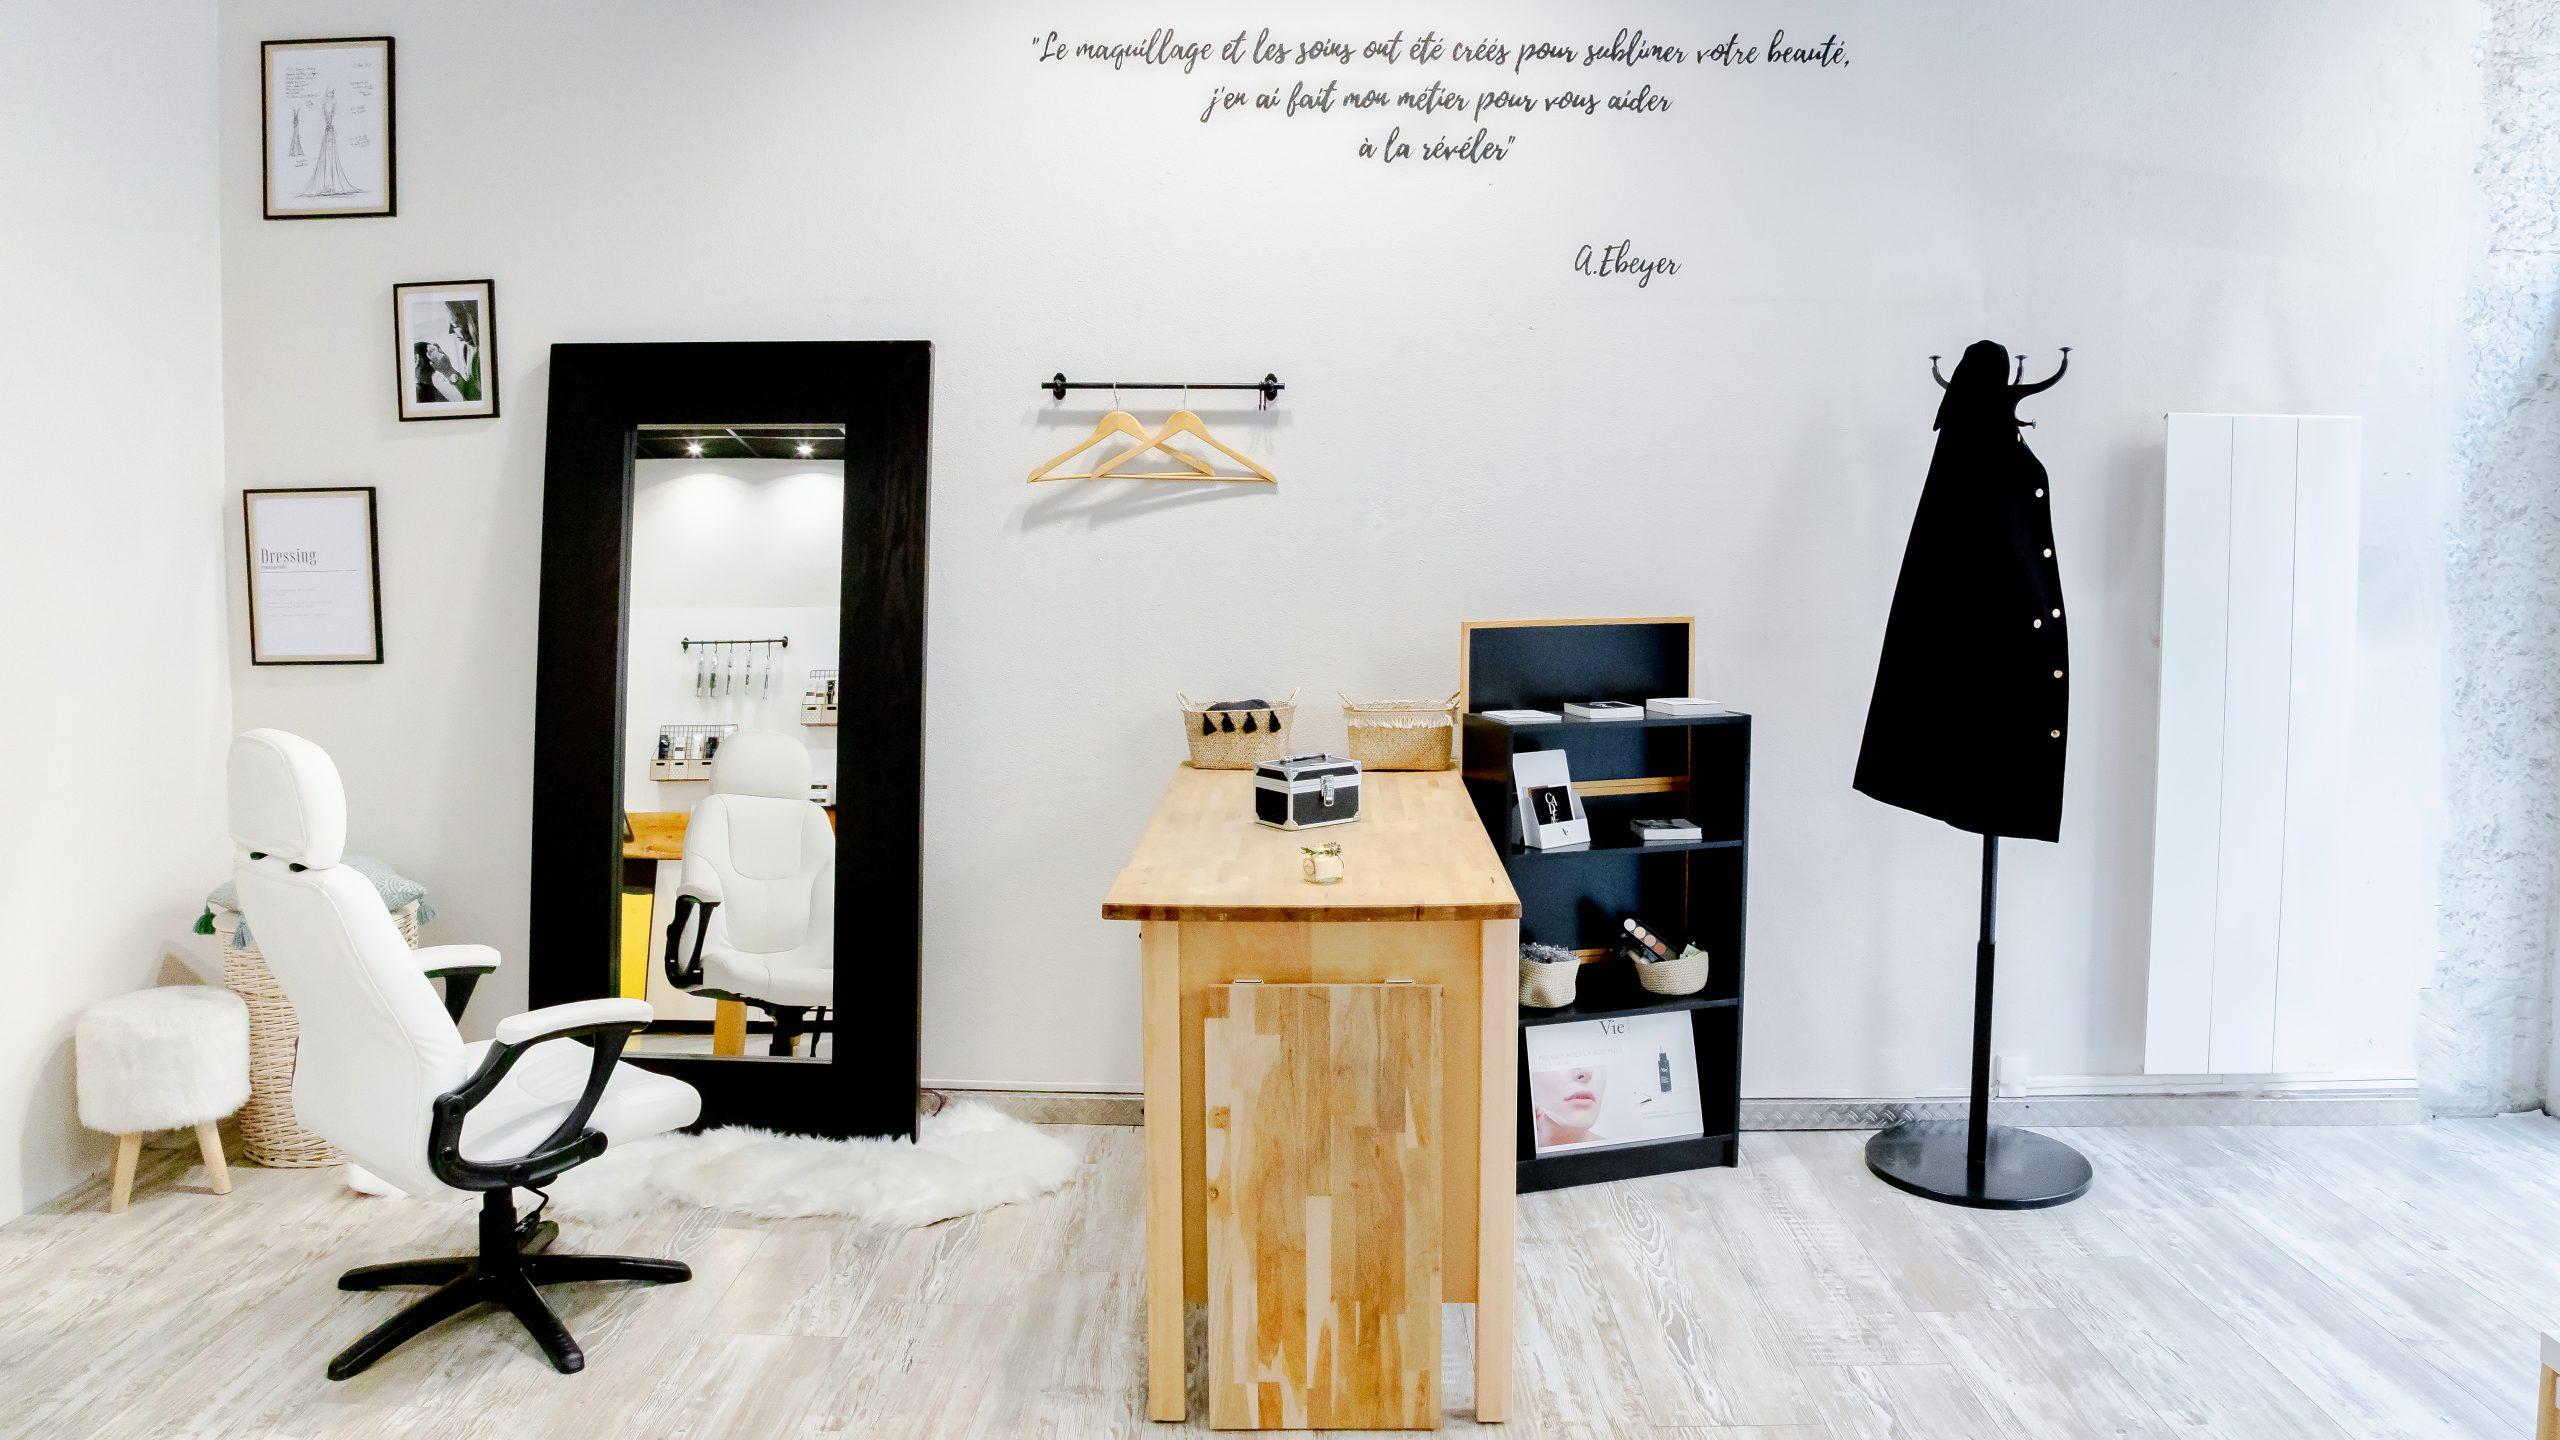 Salon de beaute AE Lyon